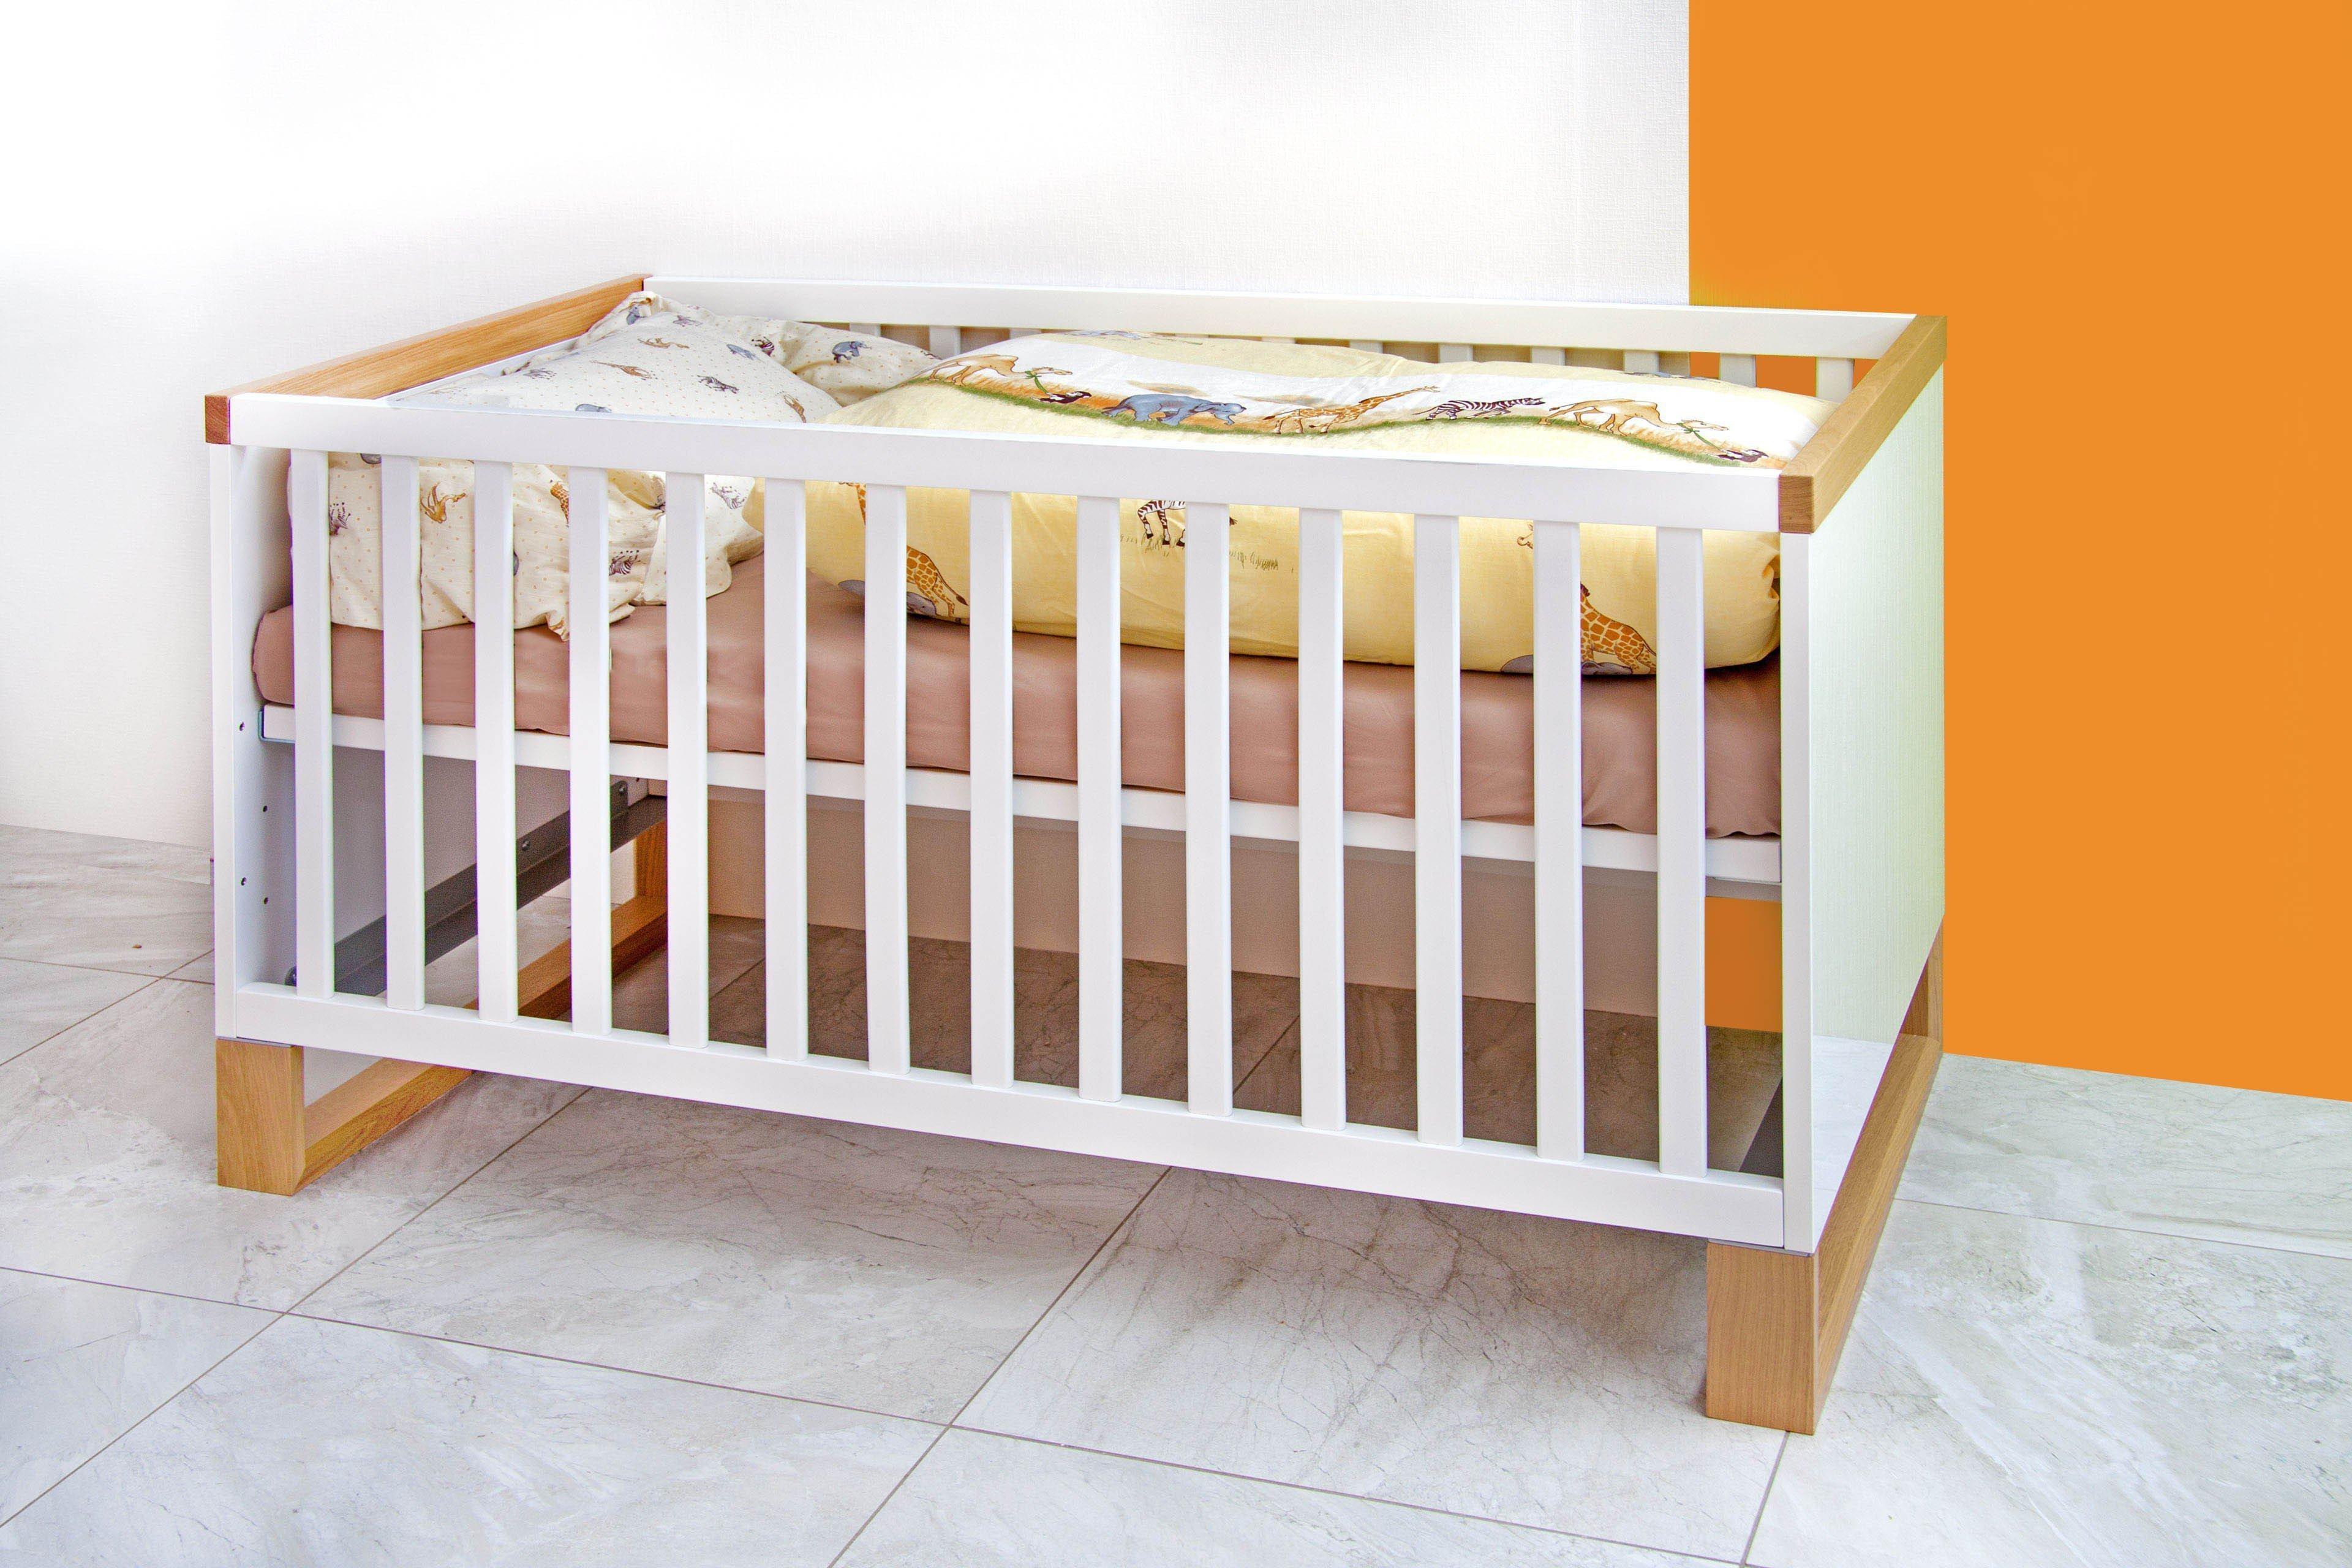 Babyzimmer Komplett Wellemöbel ~ Die beste Idee Idee für ...